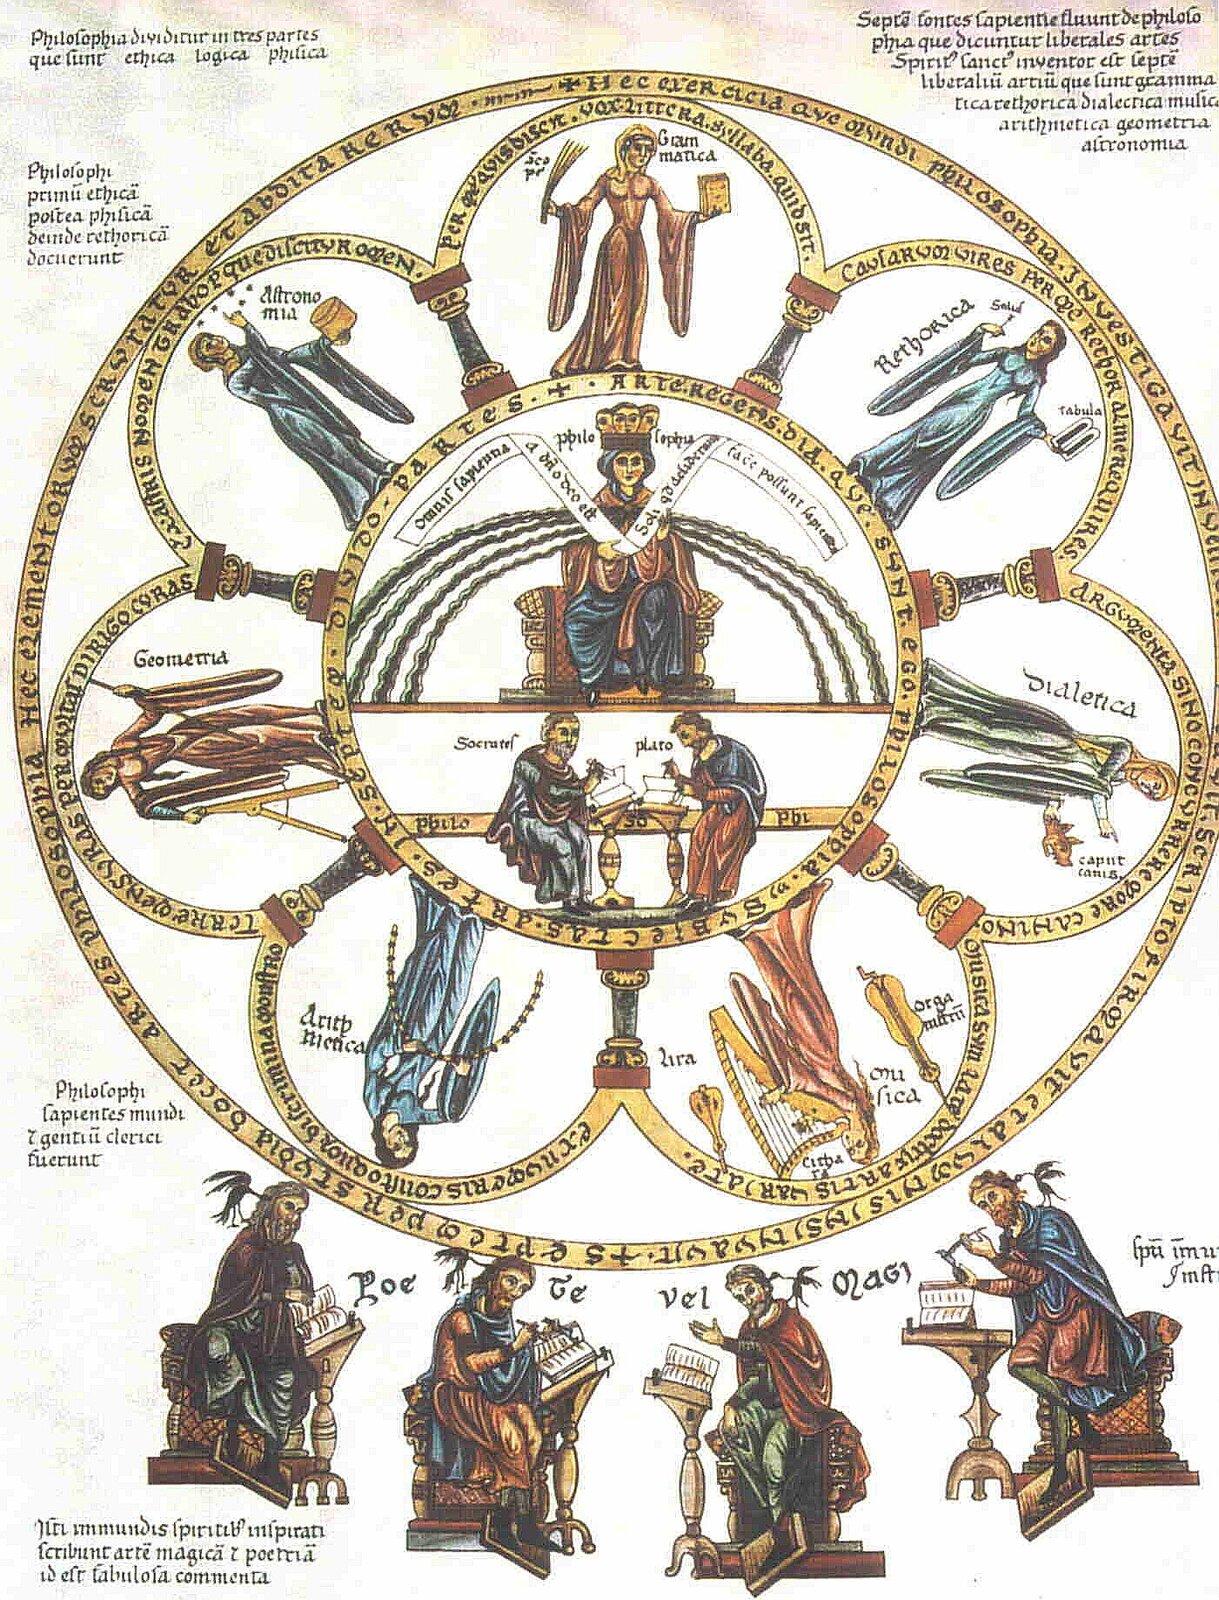 Siedem sztuk wyzwolonych Postaraj się zidentyfikować na ilustracji każdą zsiedmiu sztuk wyzwolonych. Jakie atrybuty zostały im przypisane? Źródło: Herrad von Landsberg, Siedem sztuk wyzwolonych, ok. 1118, licencja: CC 0.